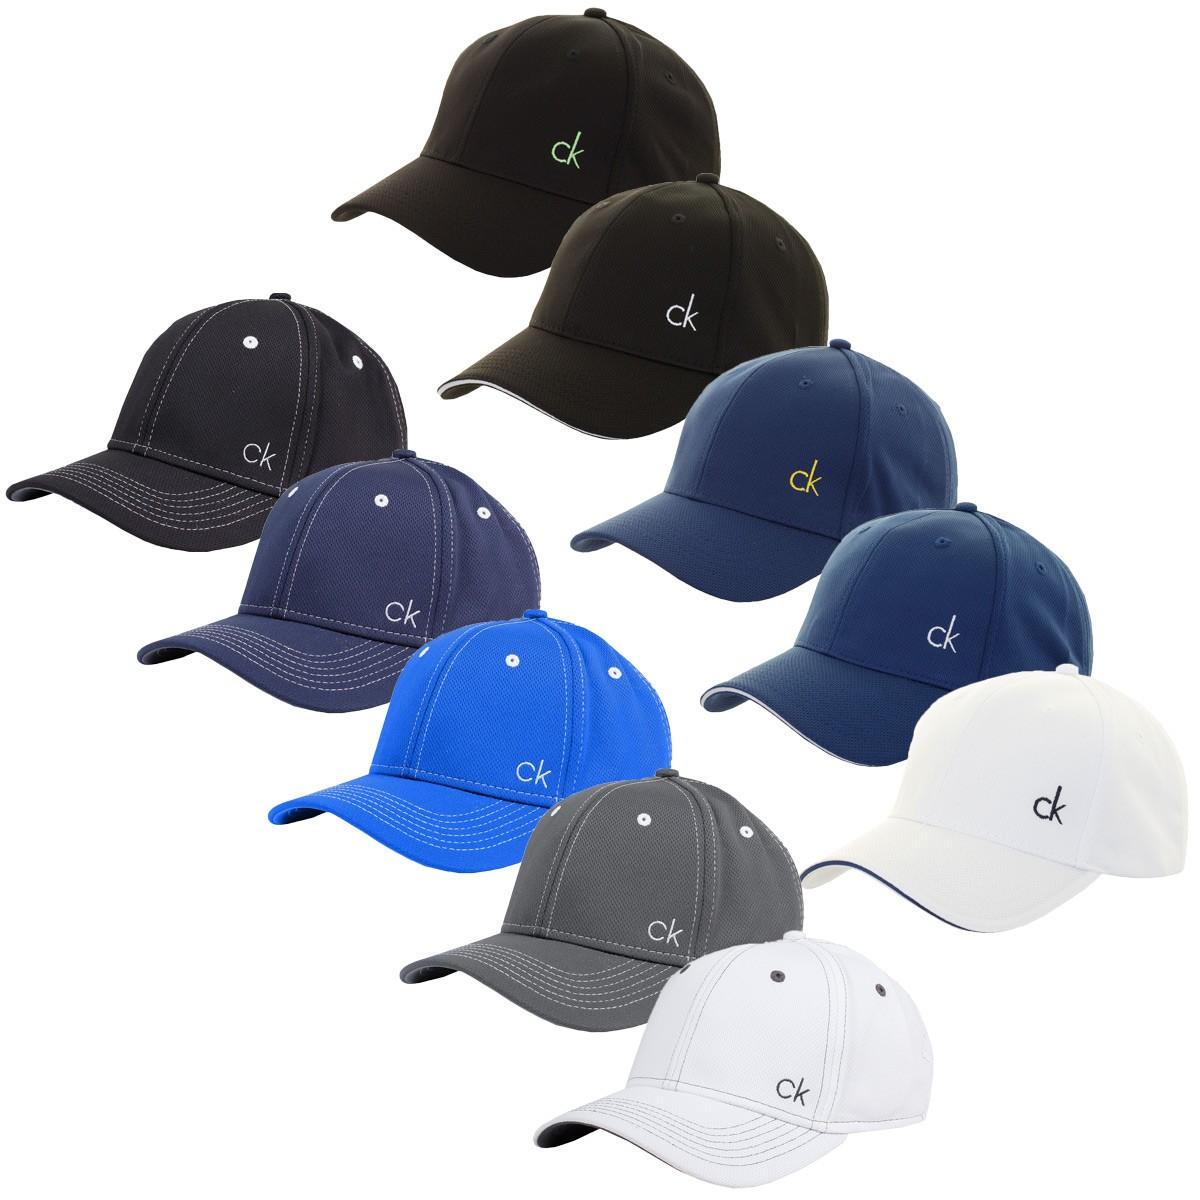 Calvin Klein Mens Performance Mesh Baseball Golf Cap - Golf Headwear ... 92c9f0a5d595